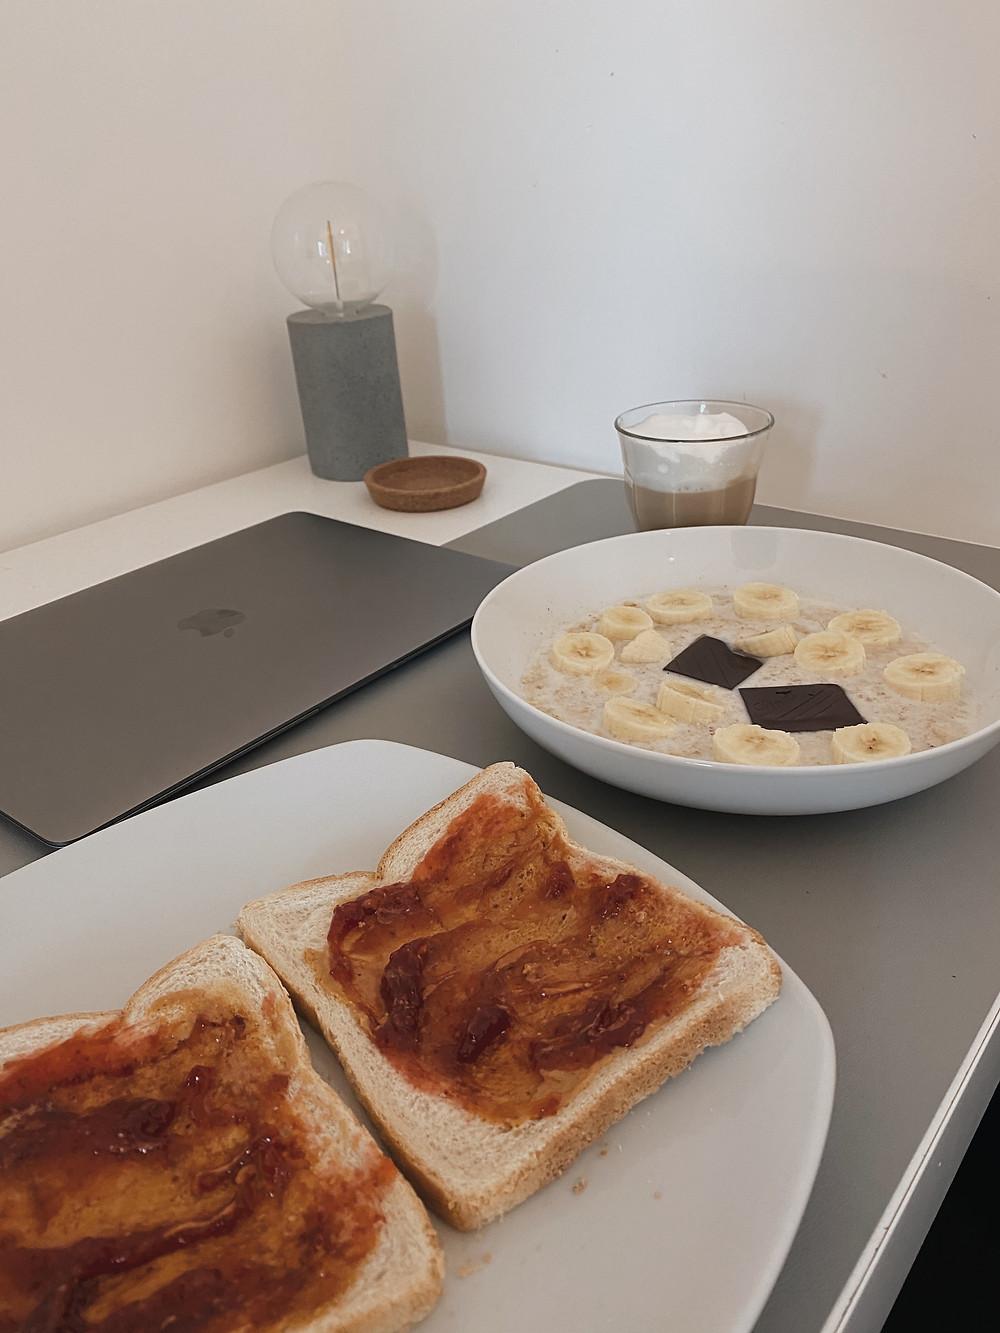 Sam Barnes Lifestyle Full Day Of Eating